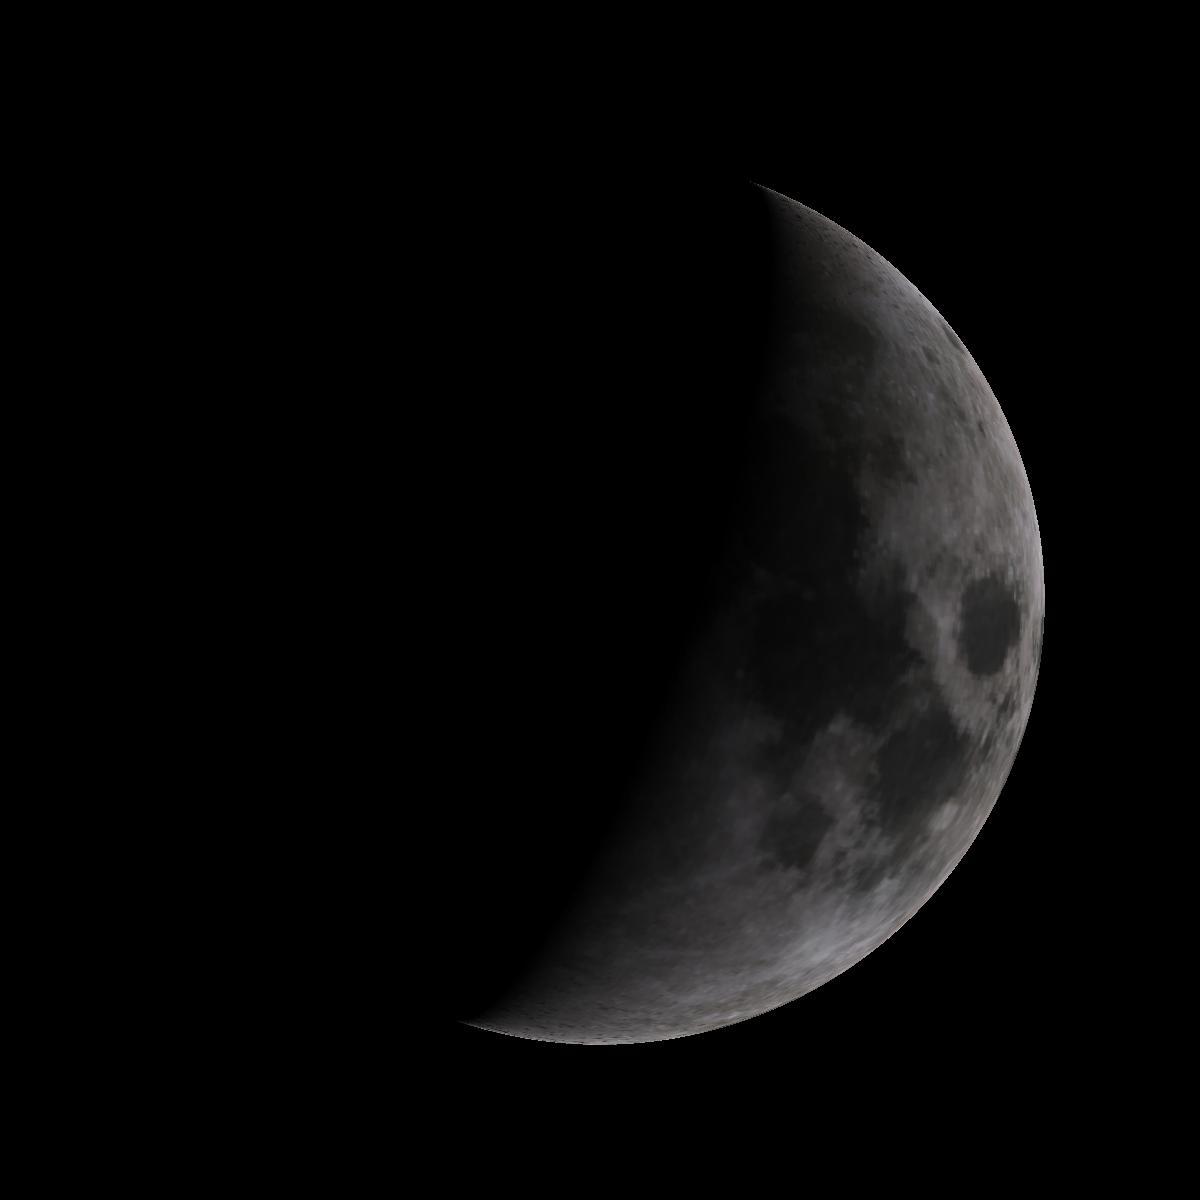 Lune du 1er février 2020